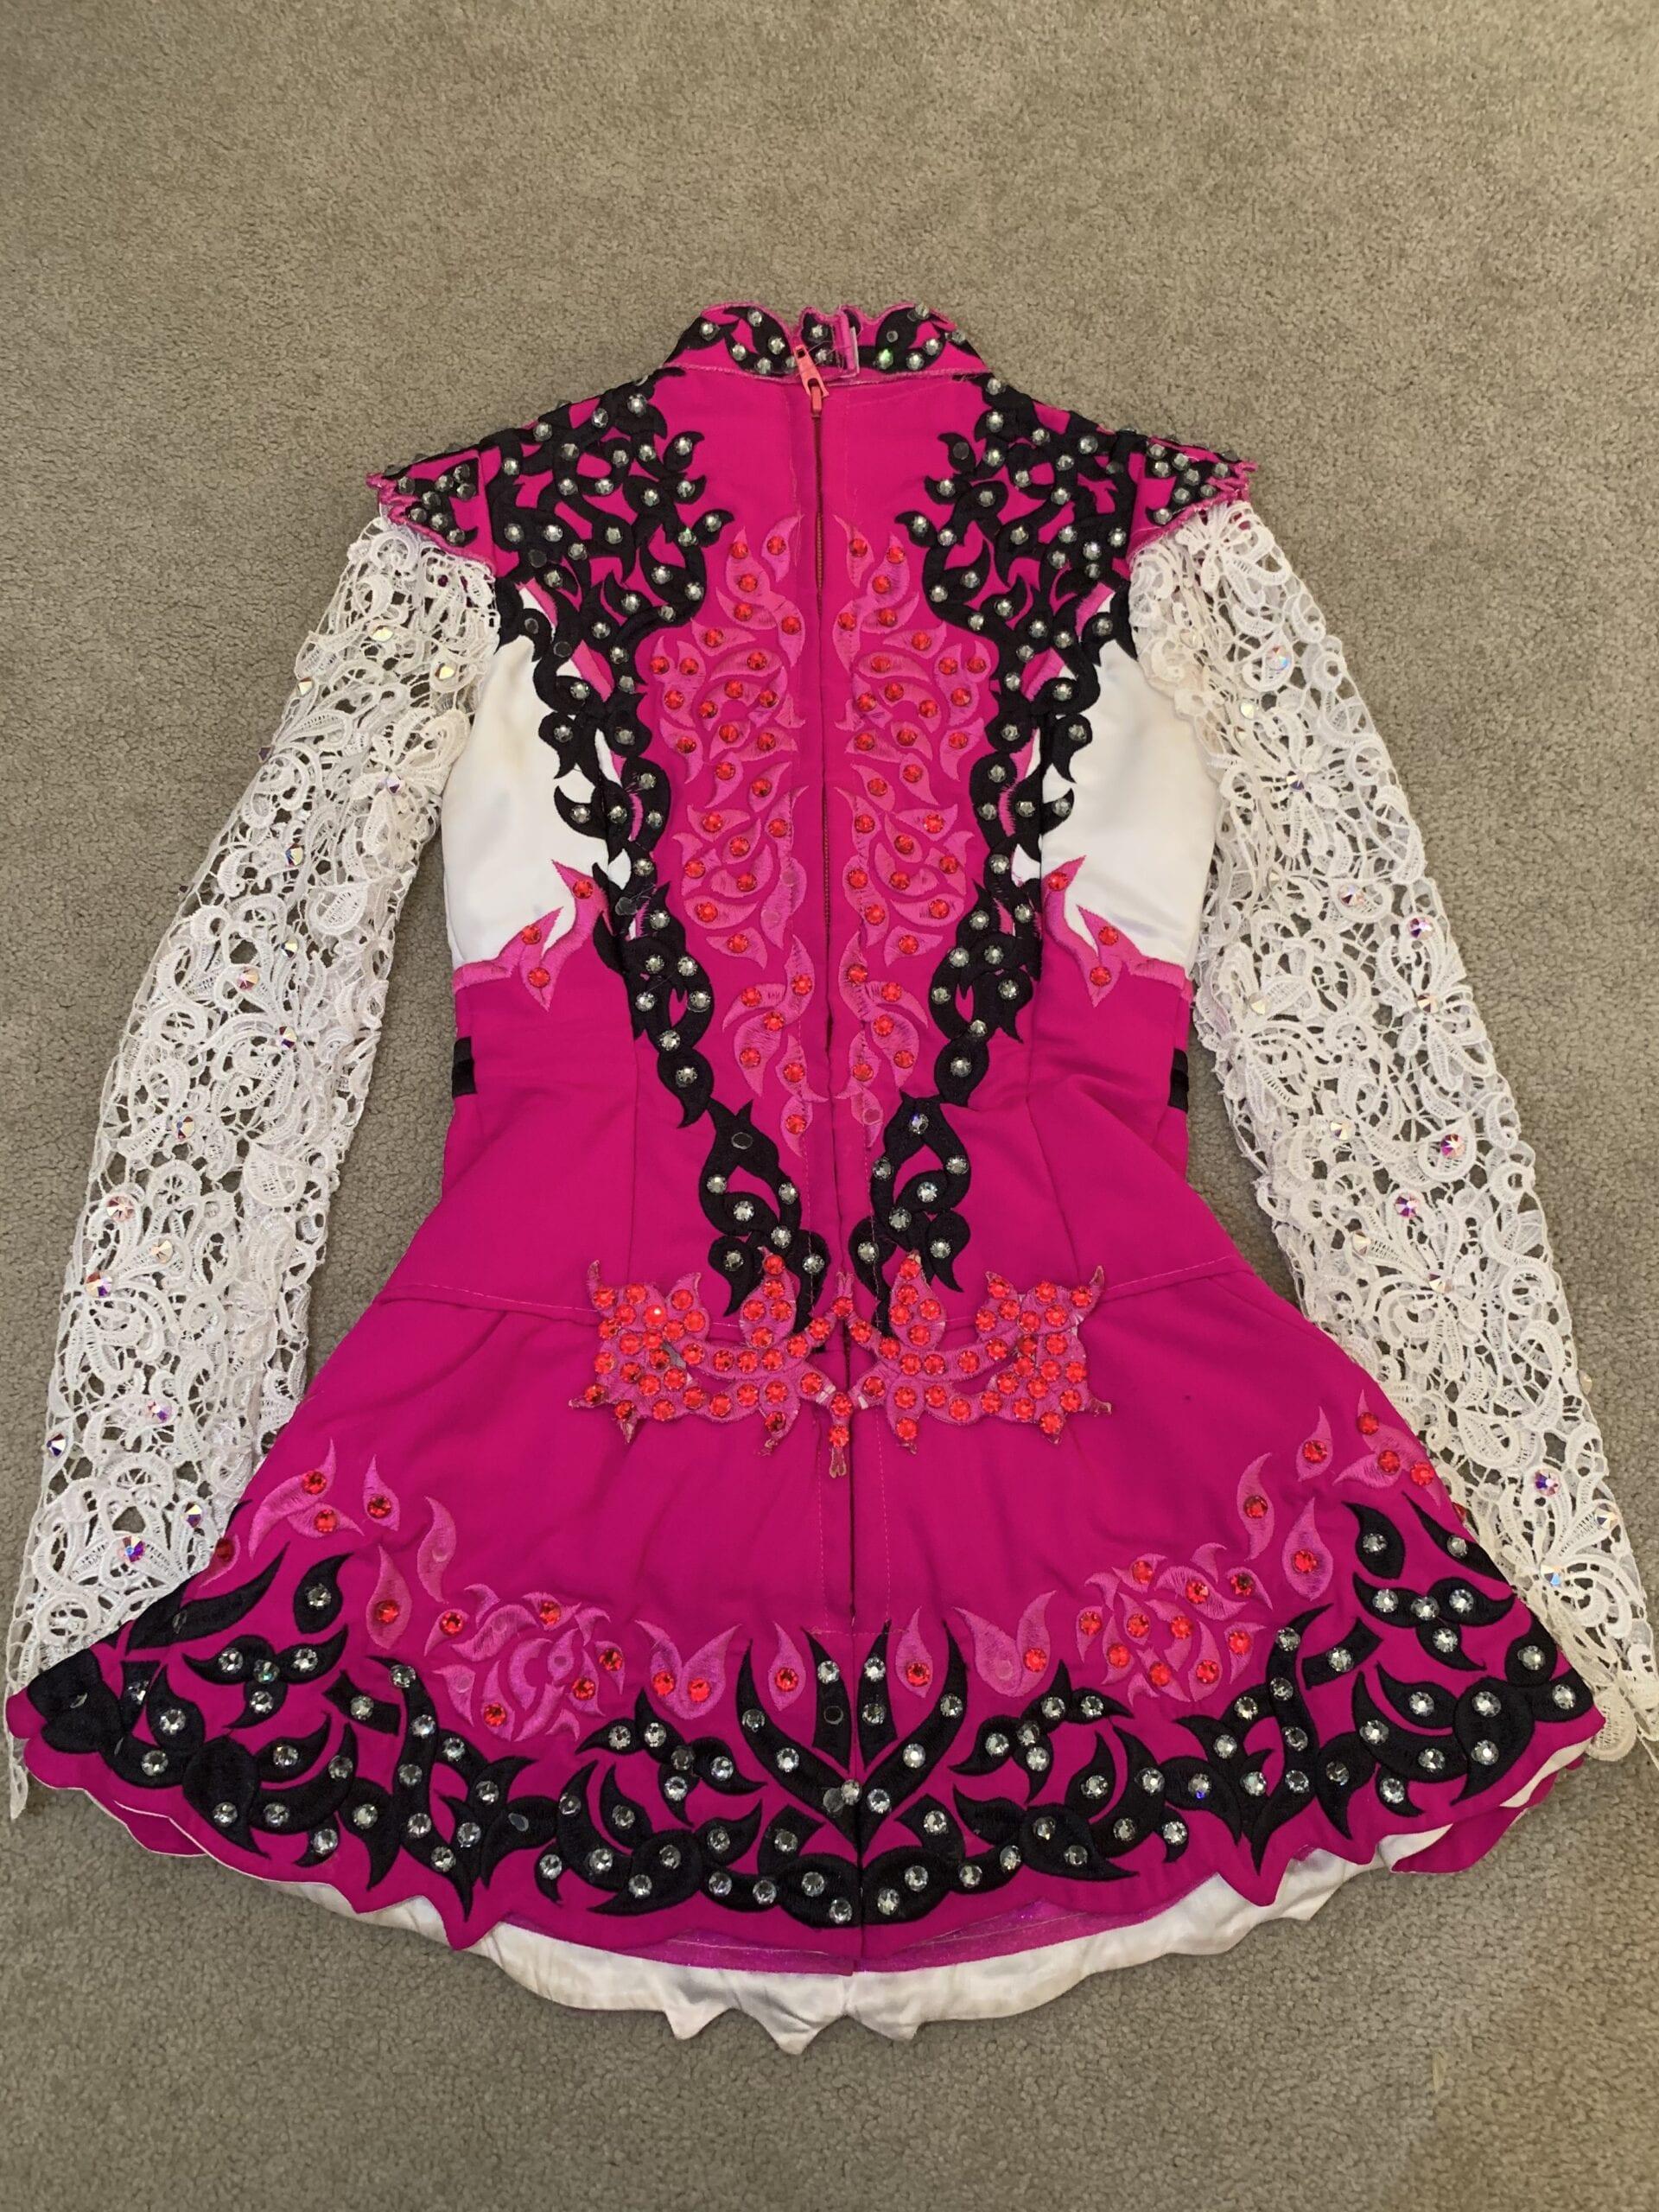 Dress #4203